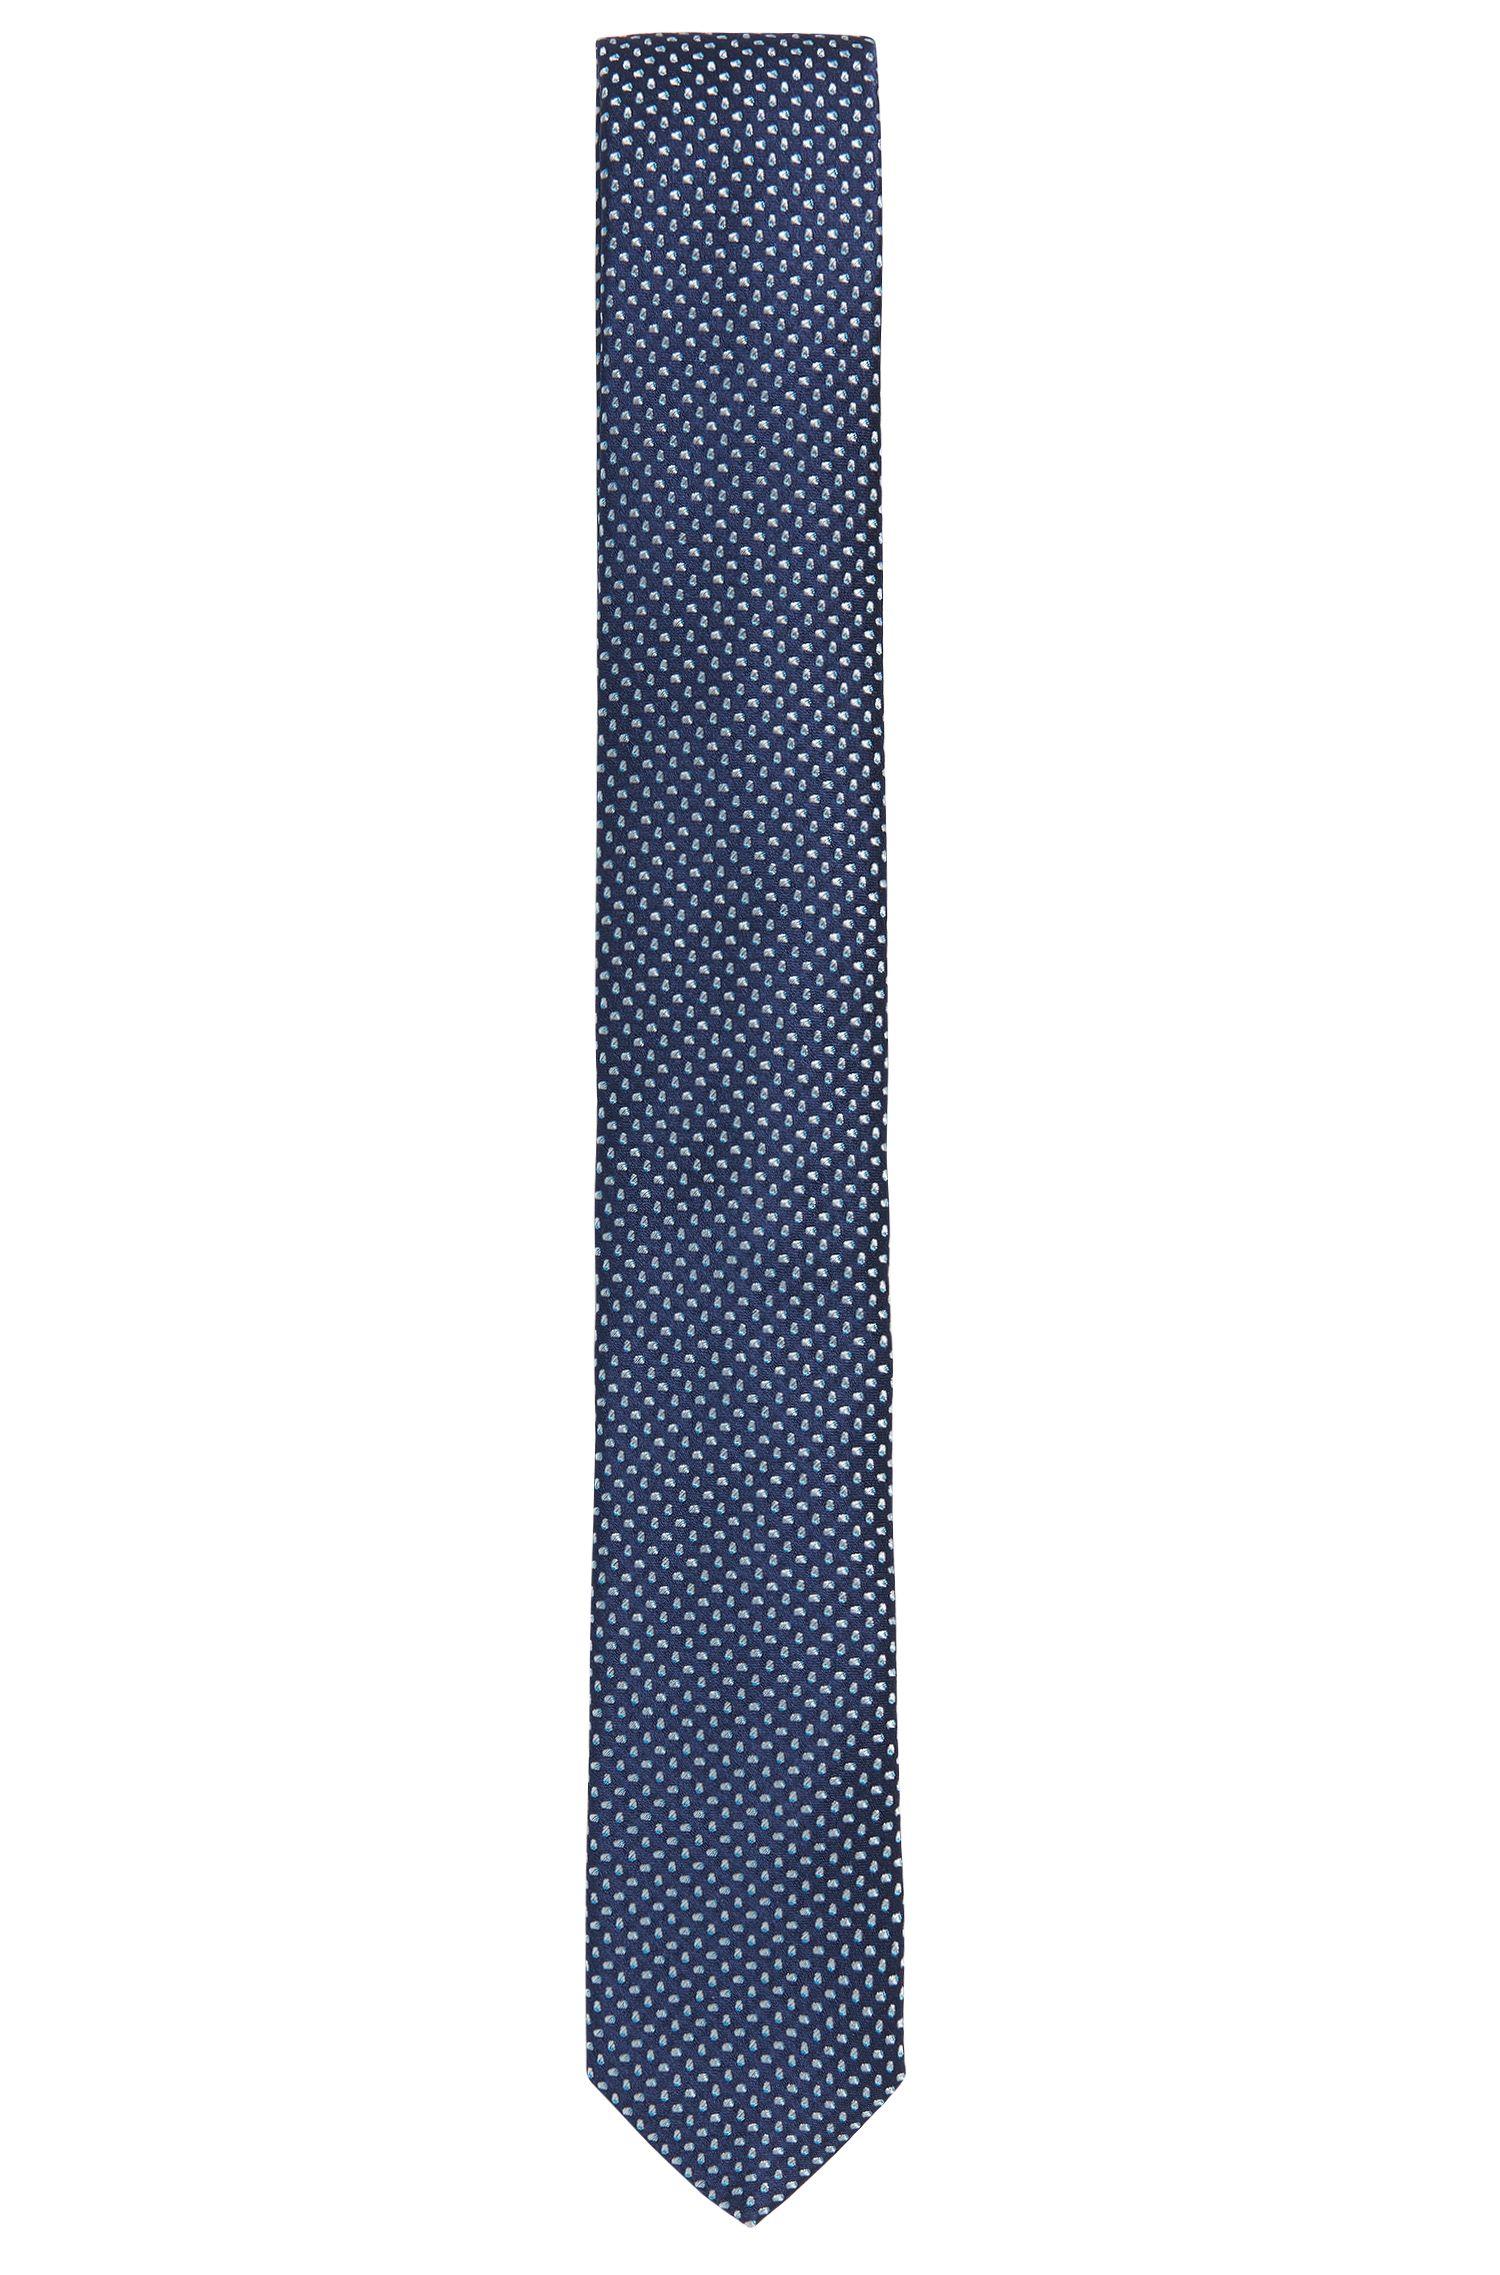 Cravate en jacquard de soie fine à motif